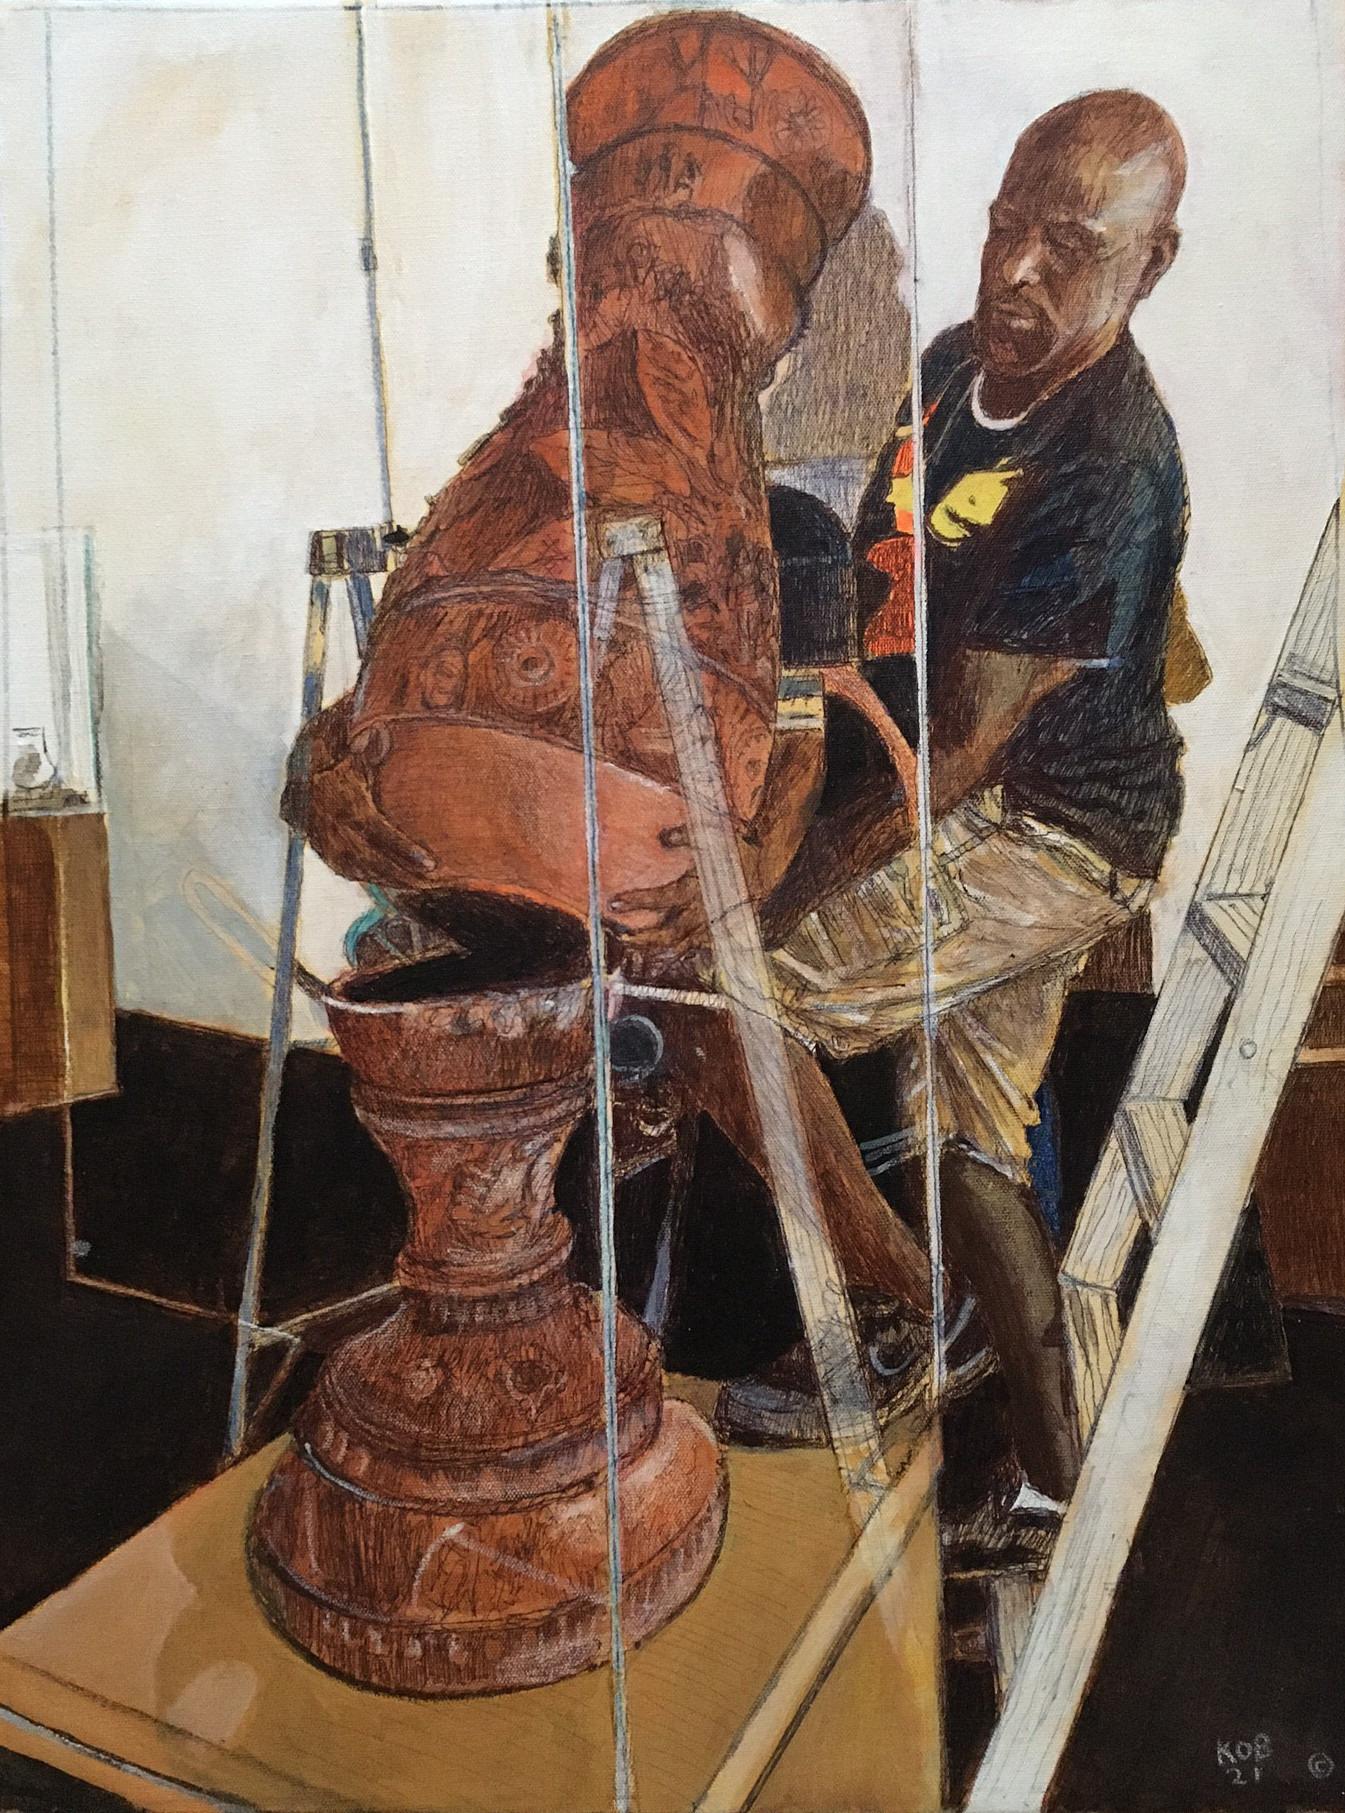 Kobrienmoving the restoration of the ohr urn18x24 1600acryprisminkoncanvas2021 fhagax